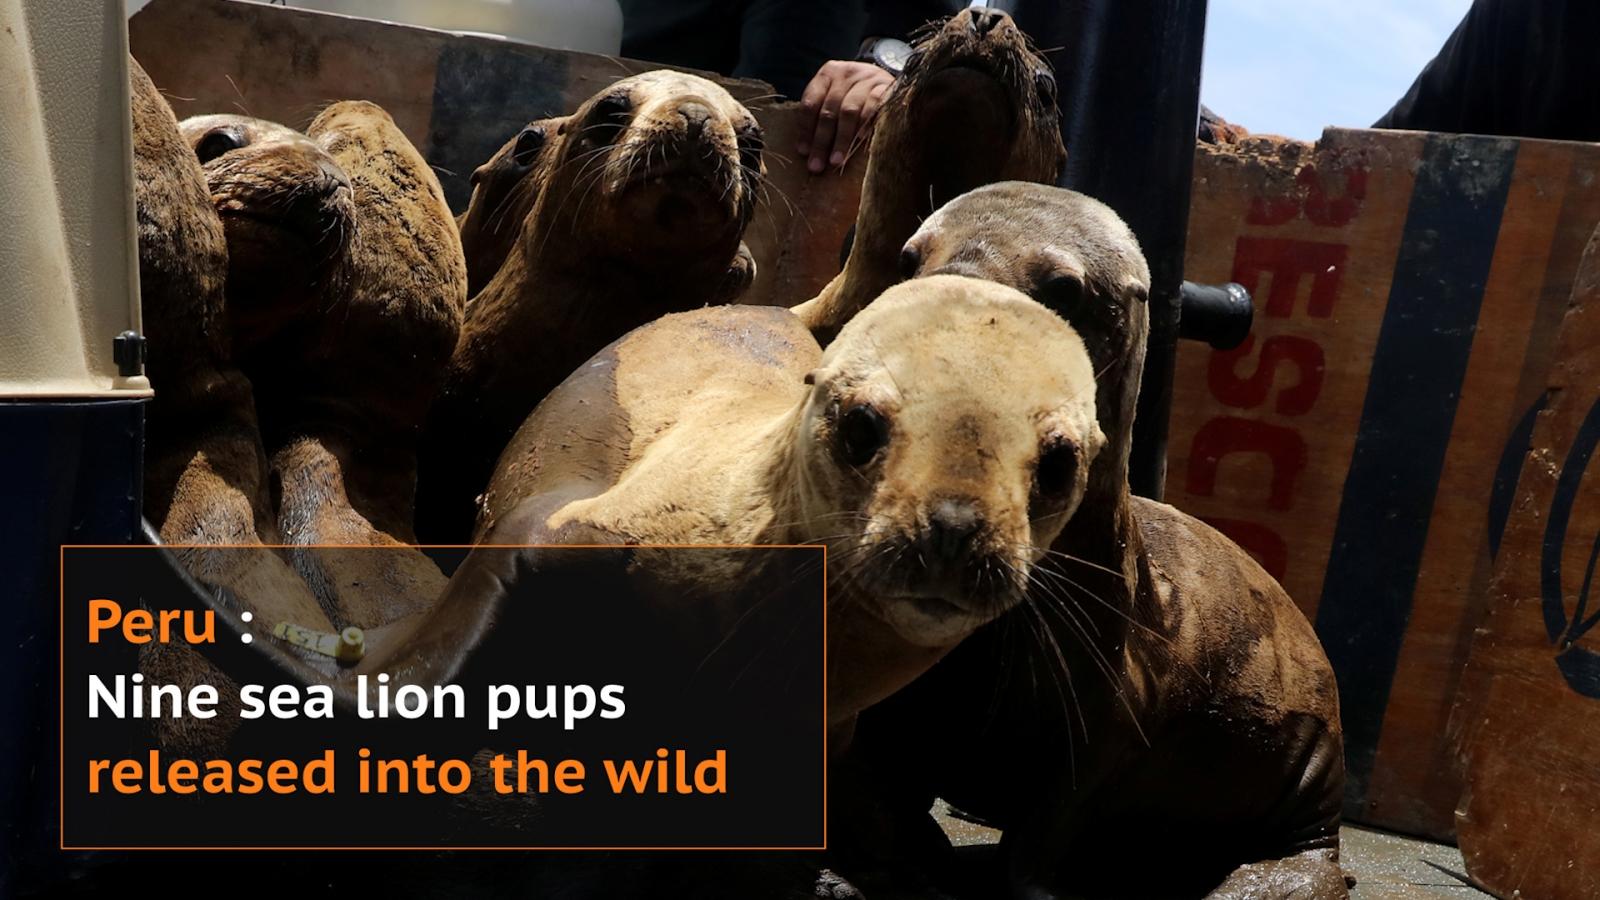 Nine sea lion pups released in Peru